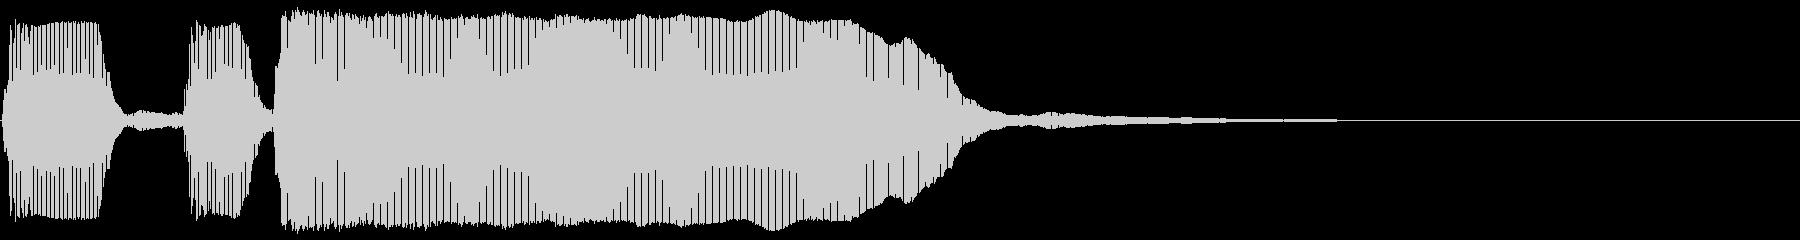 トランペット/テッテレーの未再生の波形